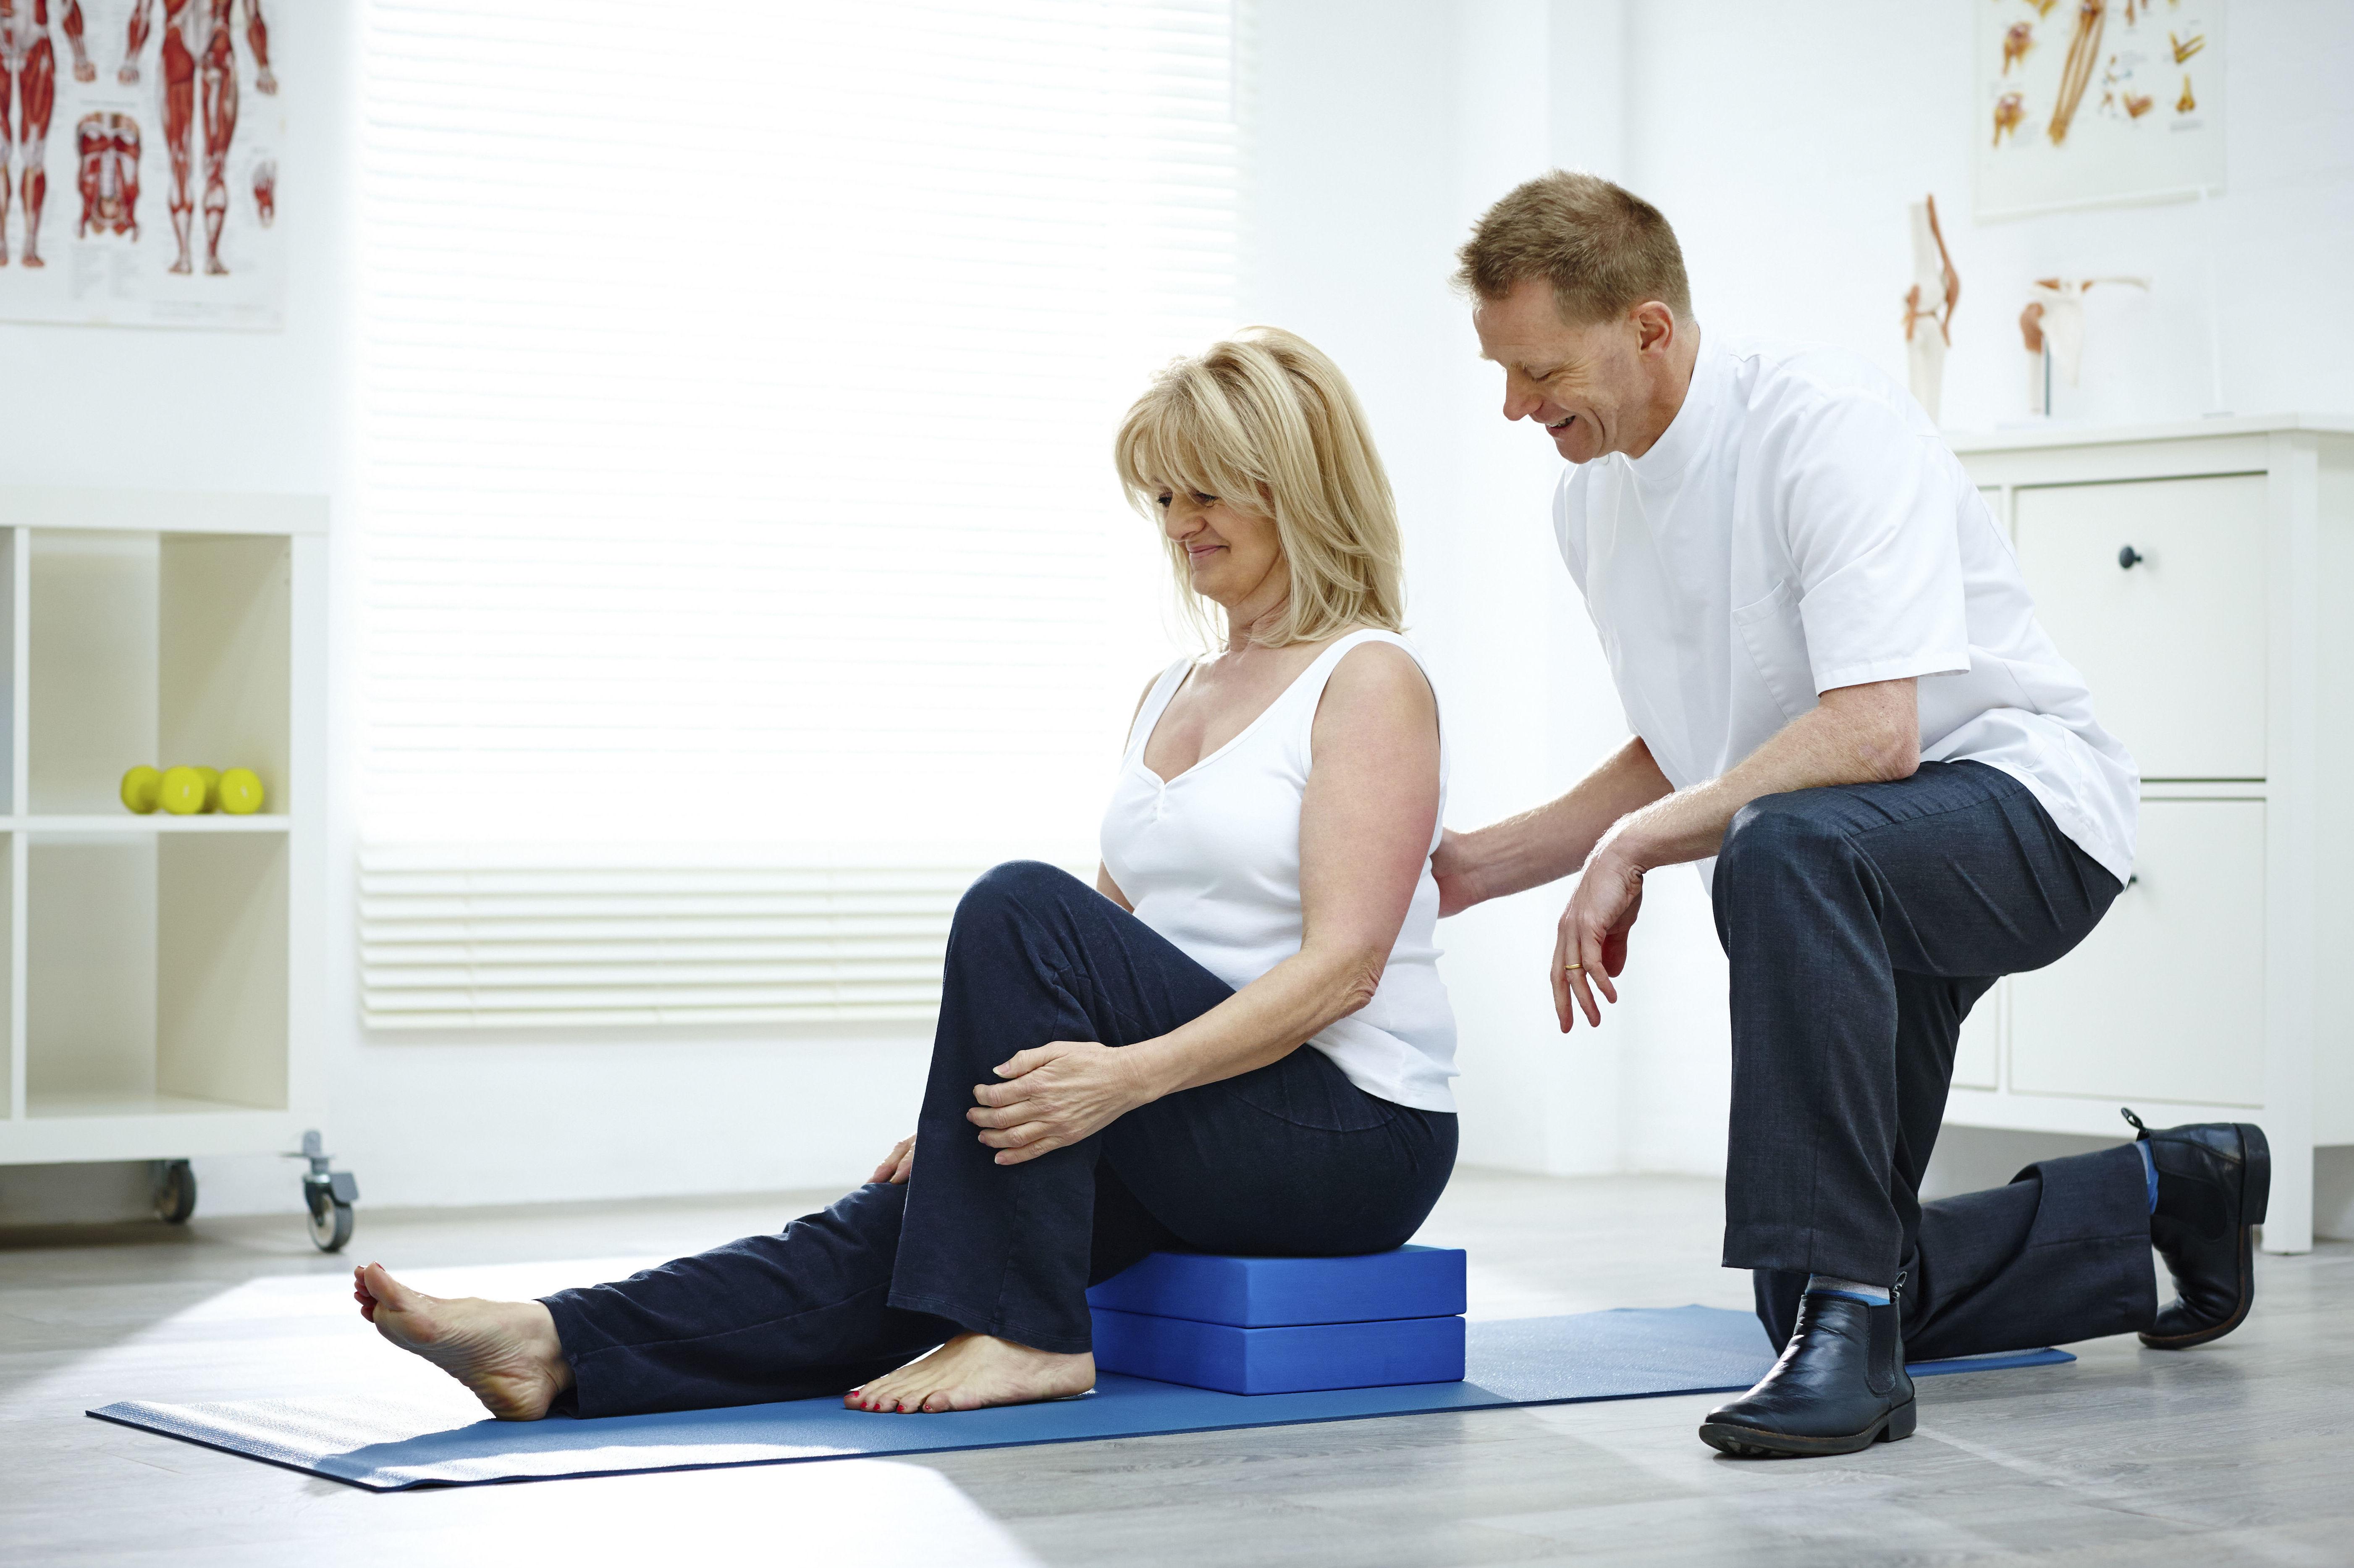 Centro de fisioterapia y rehabilitación en Santander